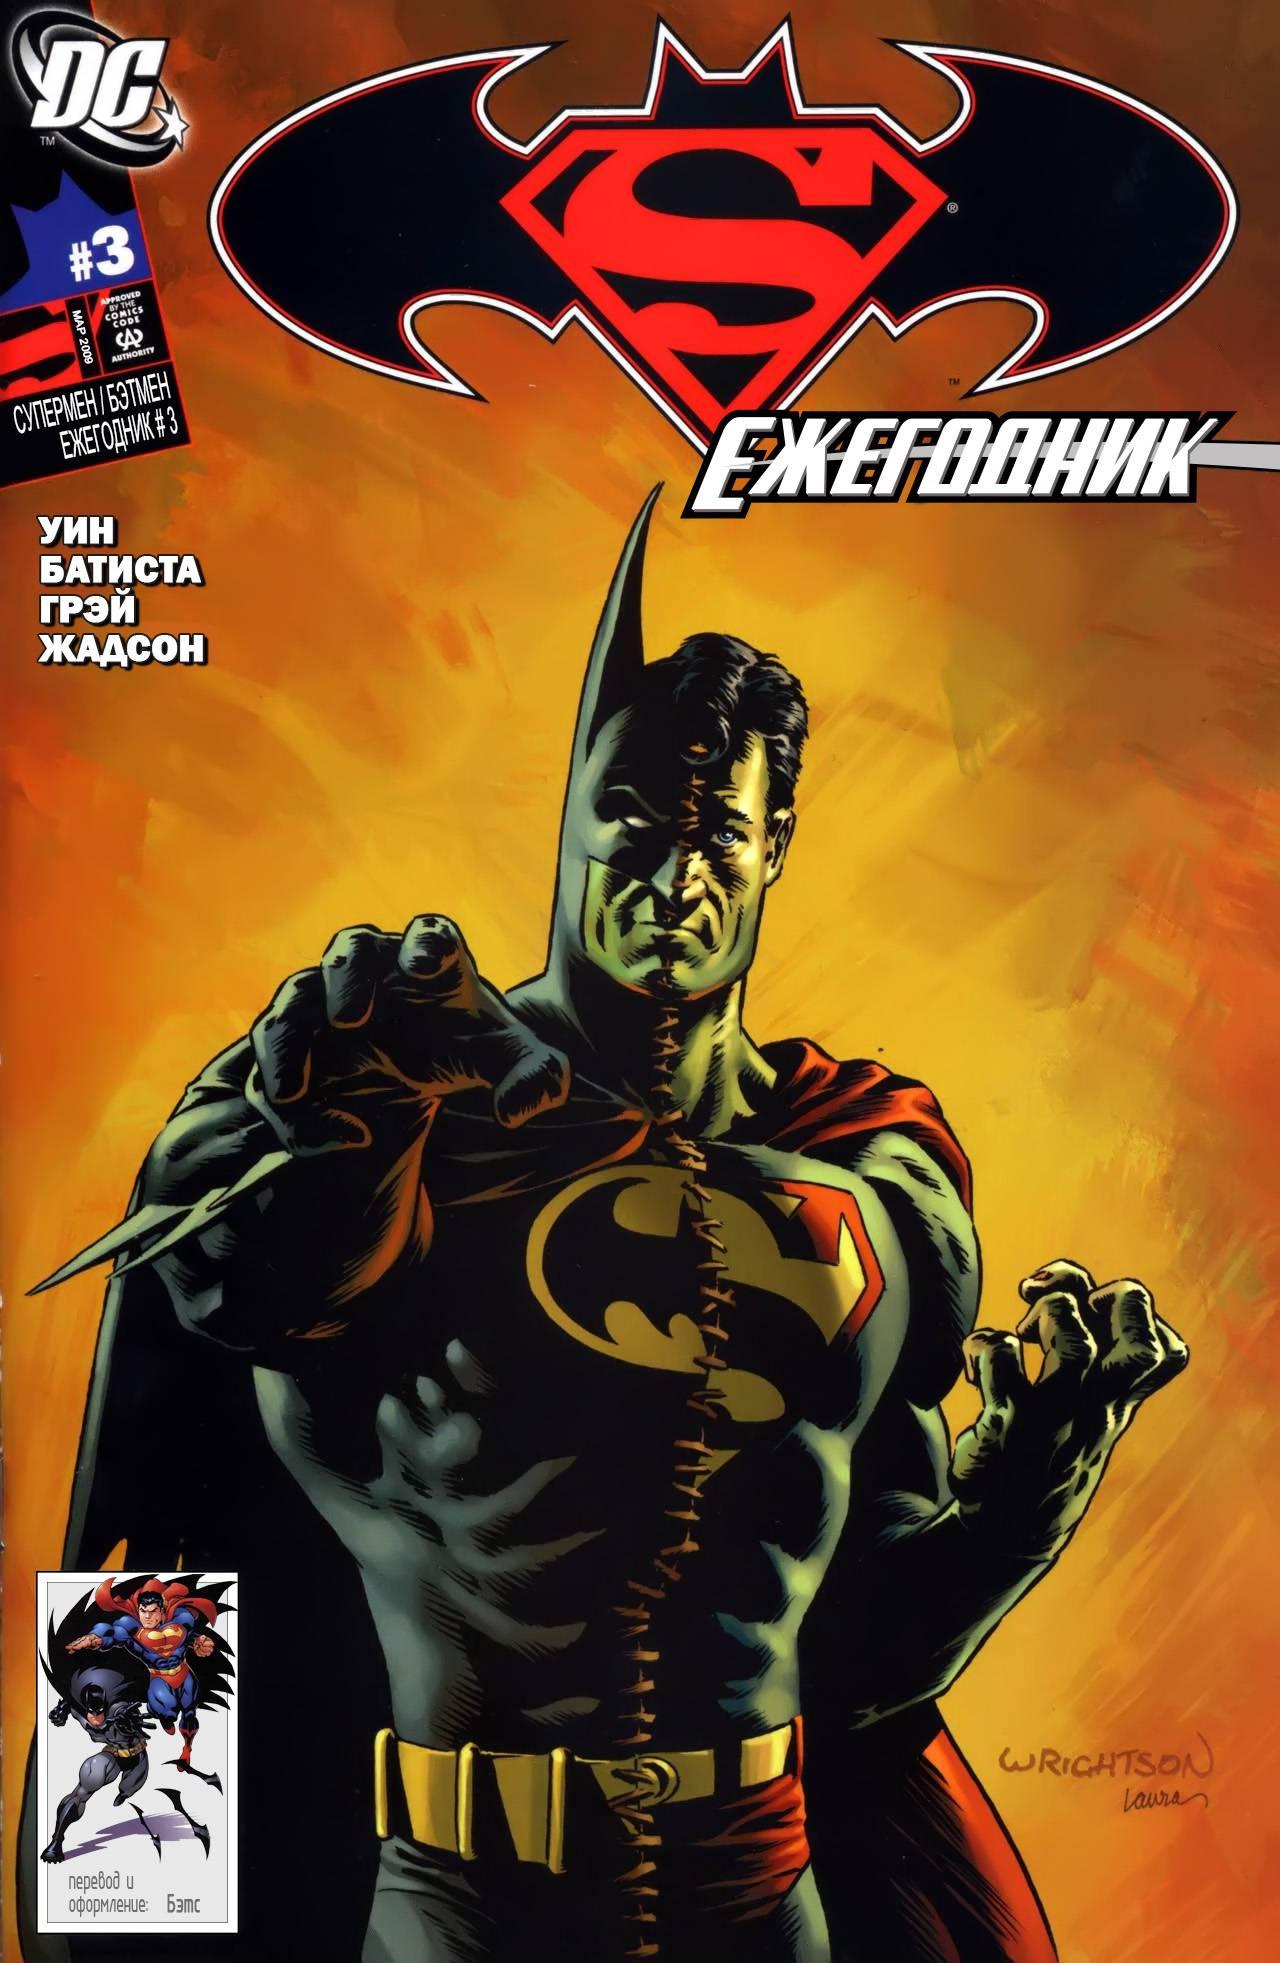 Супермен/Бэтмен Ежегодник №3 онлайн